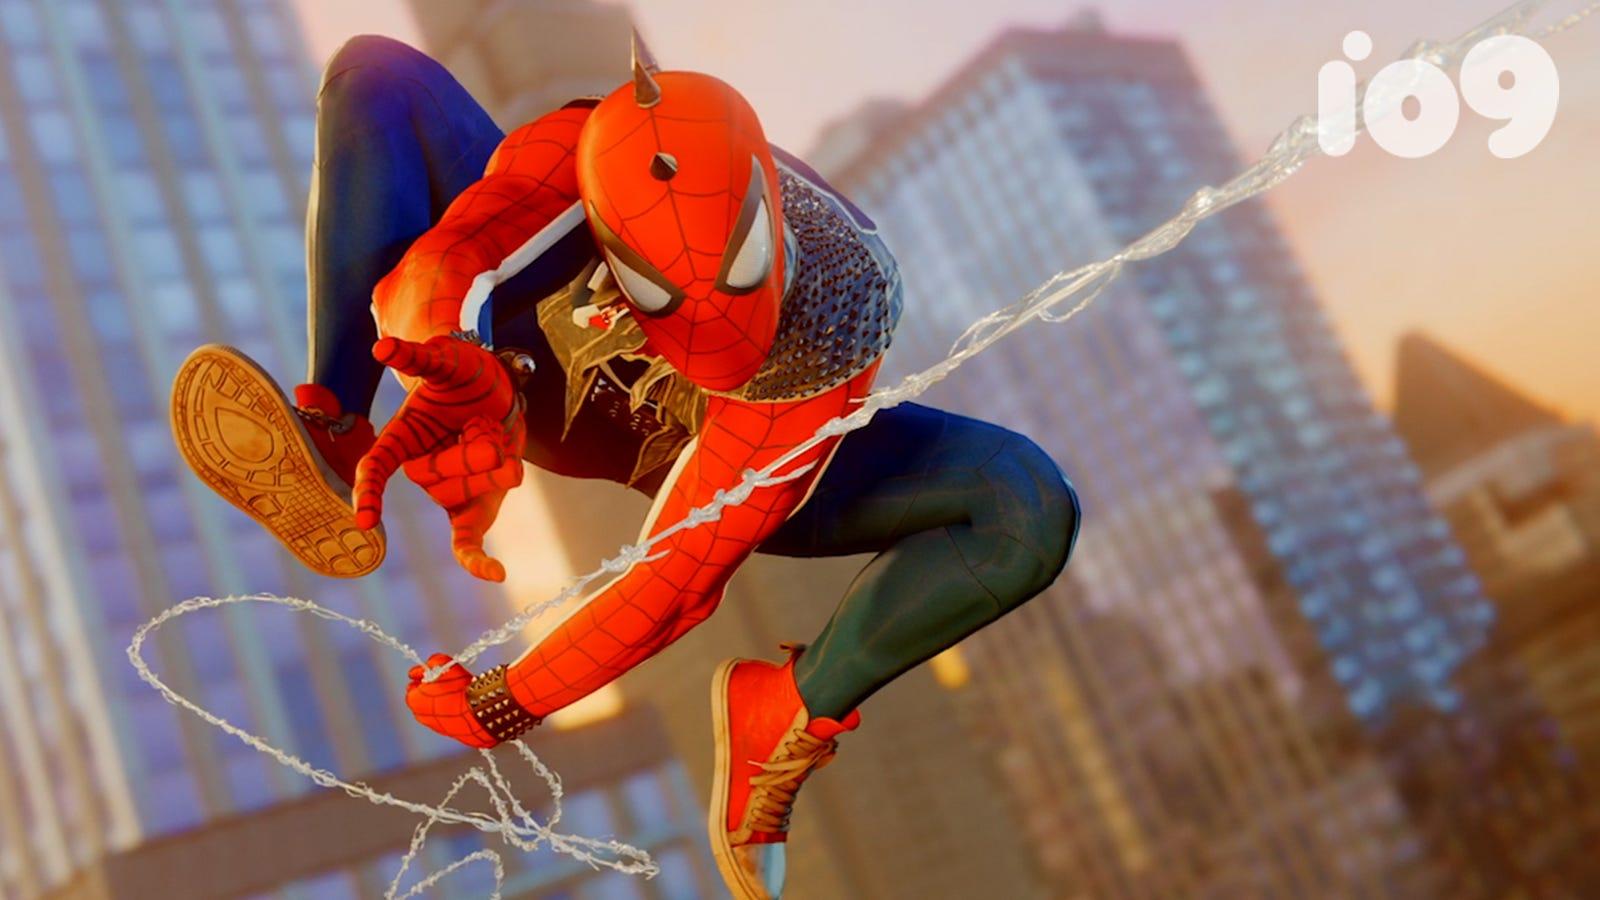 spider-man ps4's unlockable costumes: the comic book origins